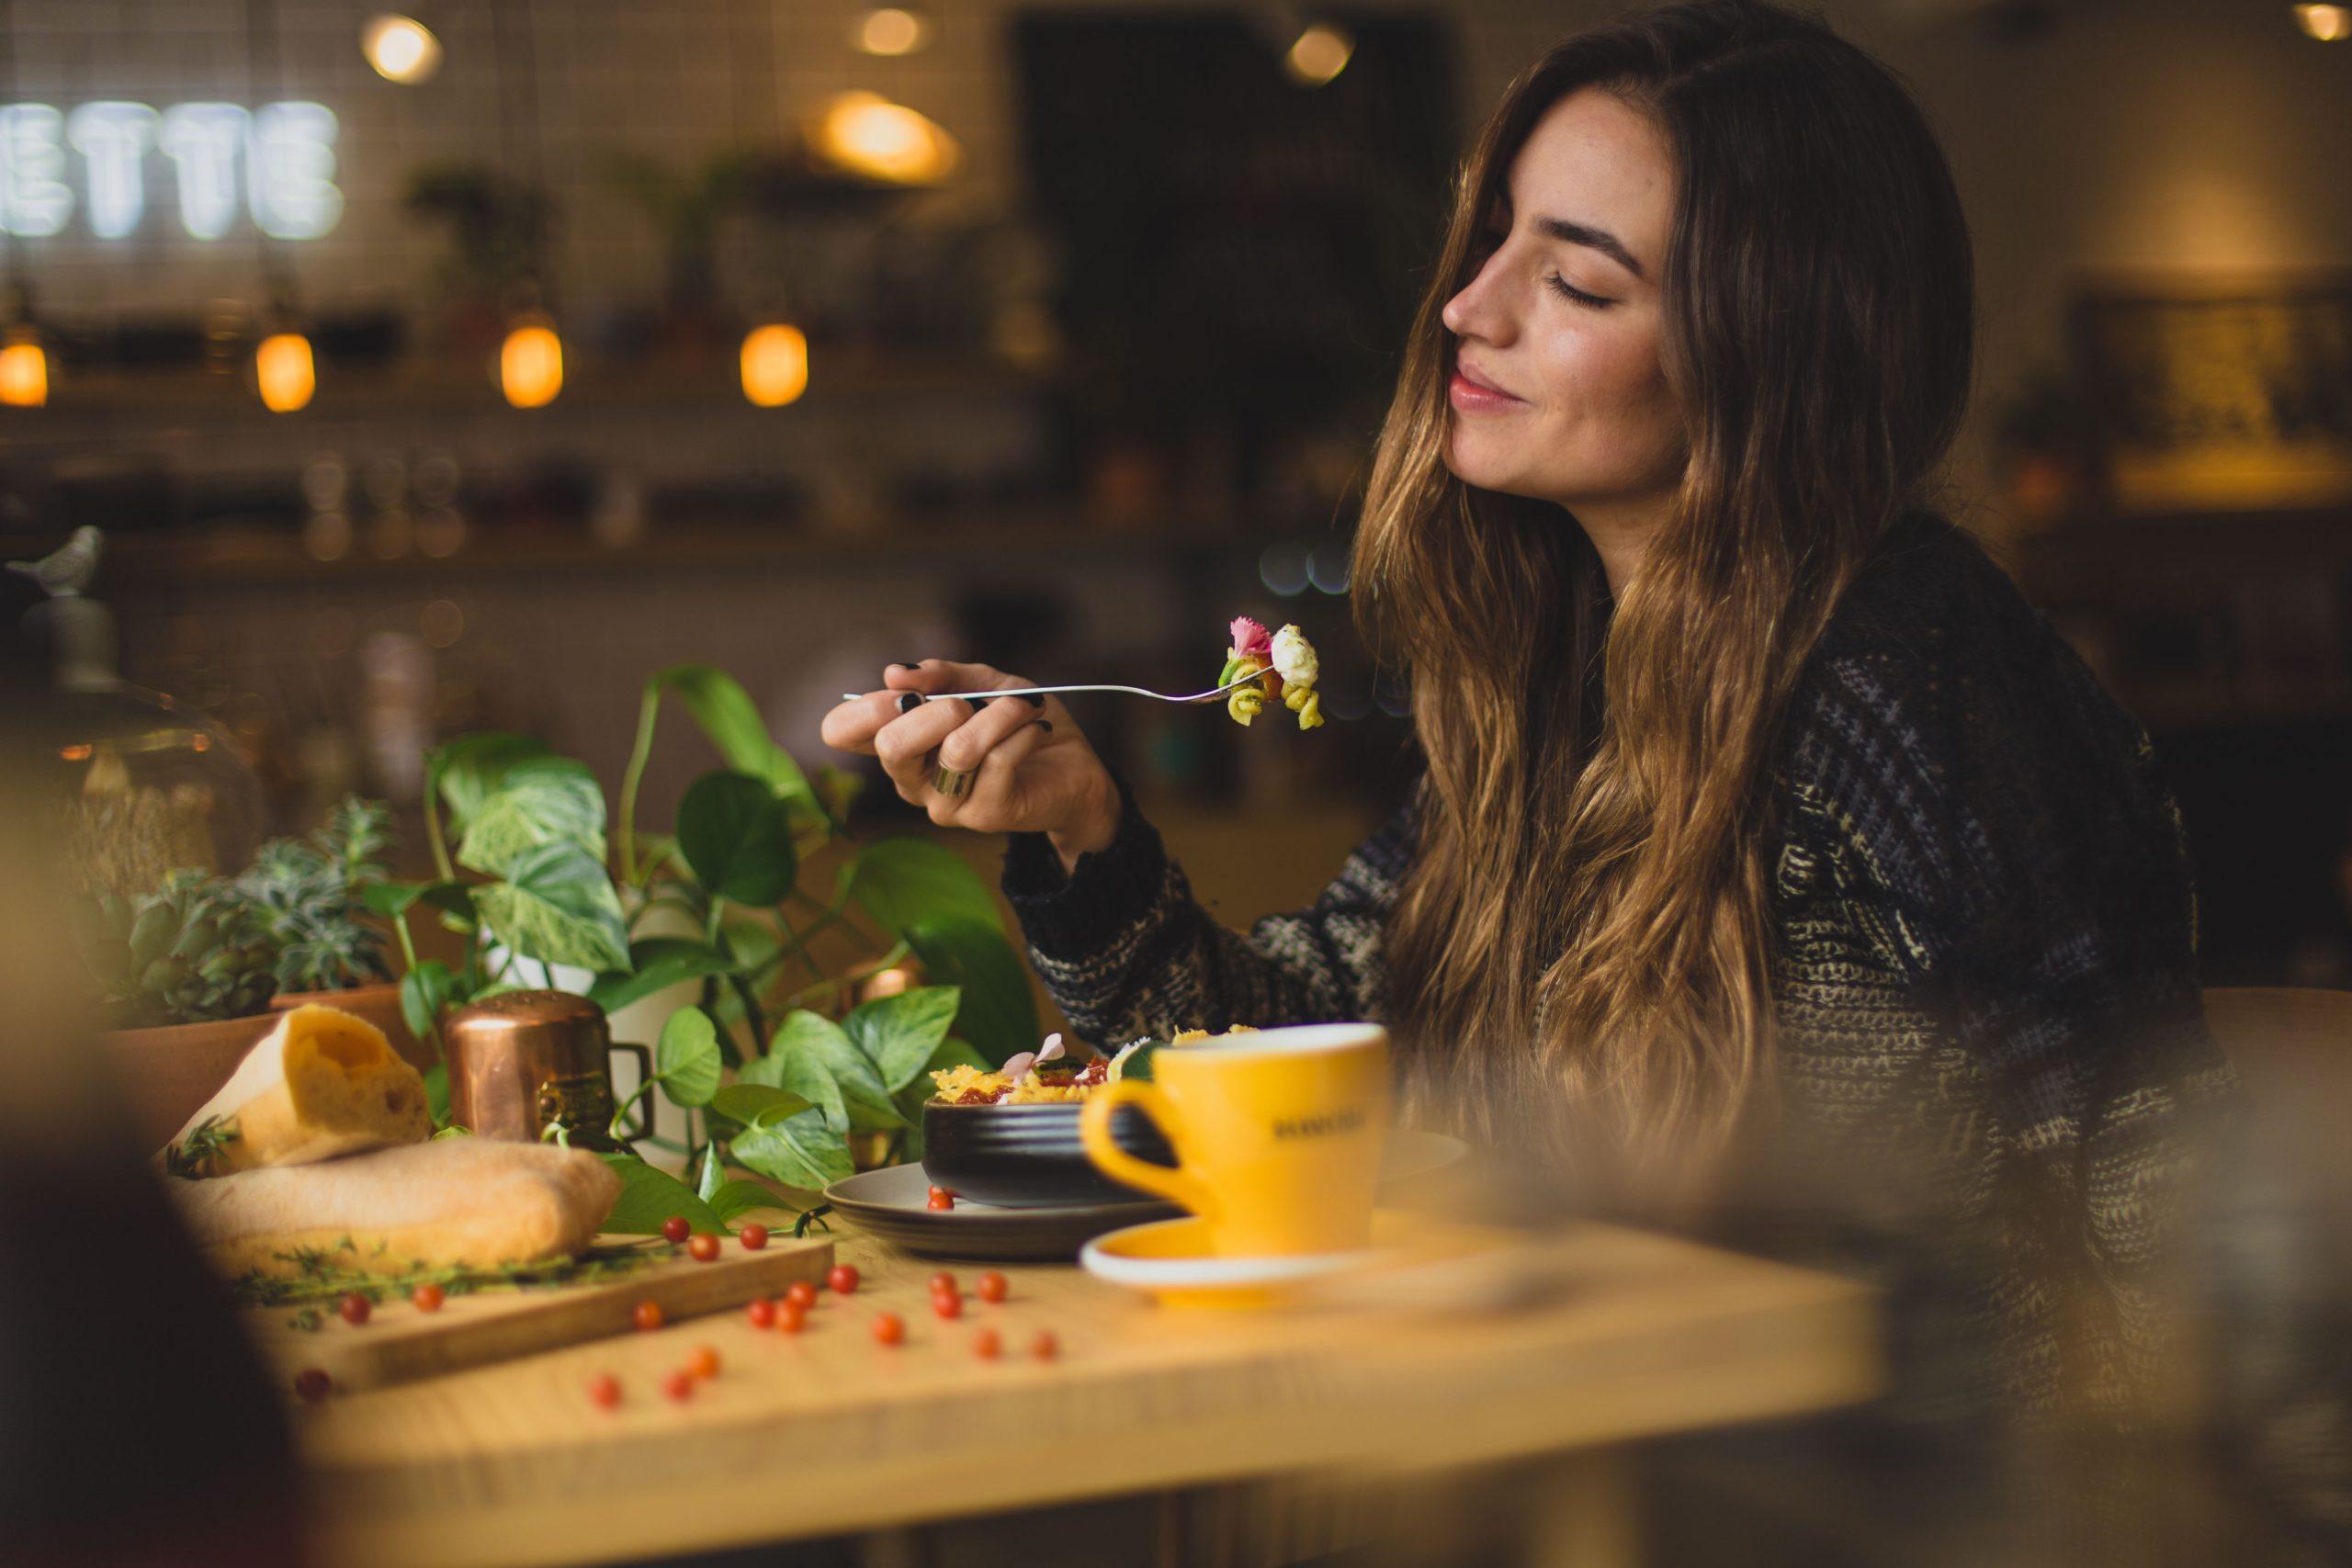 職場のランチを1人で食べる3つの方法【仕事を頑張れば問題ない】